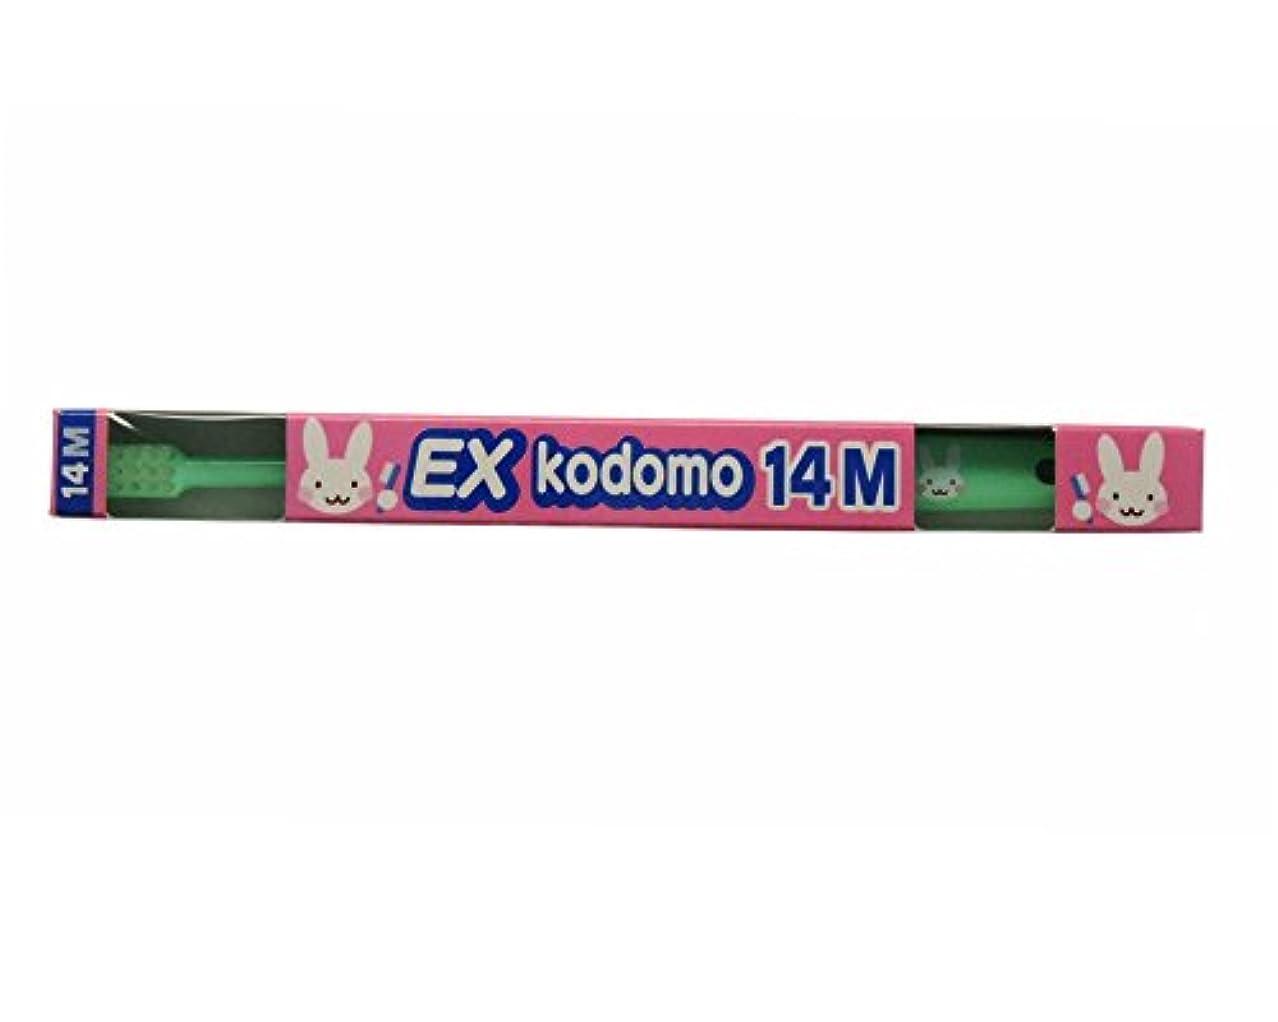 流詐欺ラインDENT.EX kodomo/11M グリーン (混合歯列後期用?8?12歳)